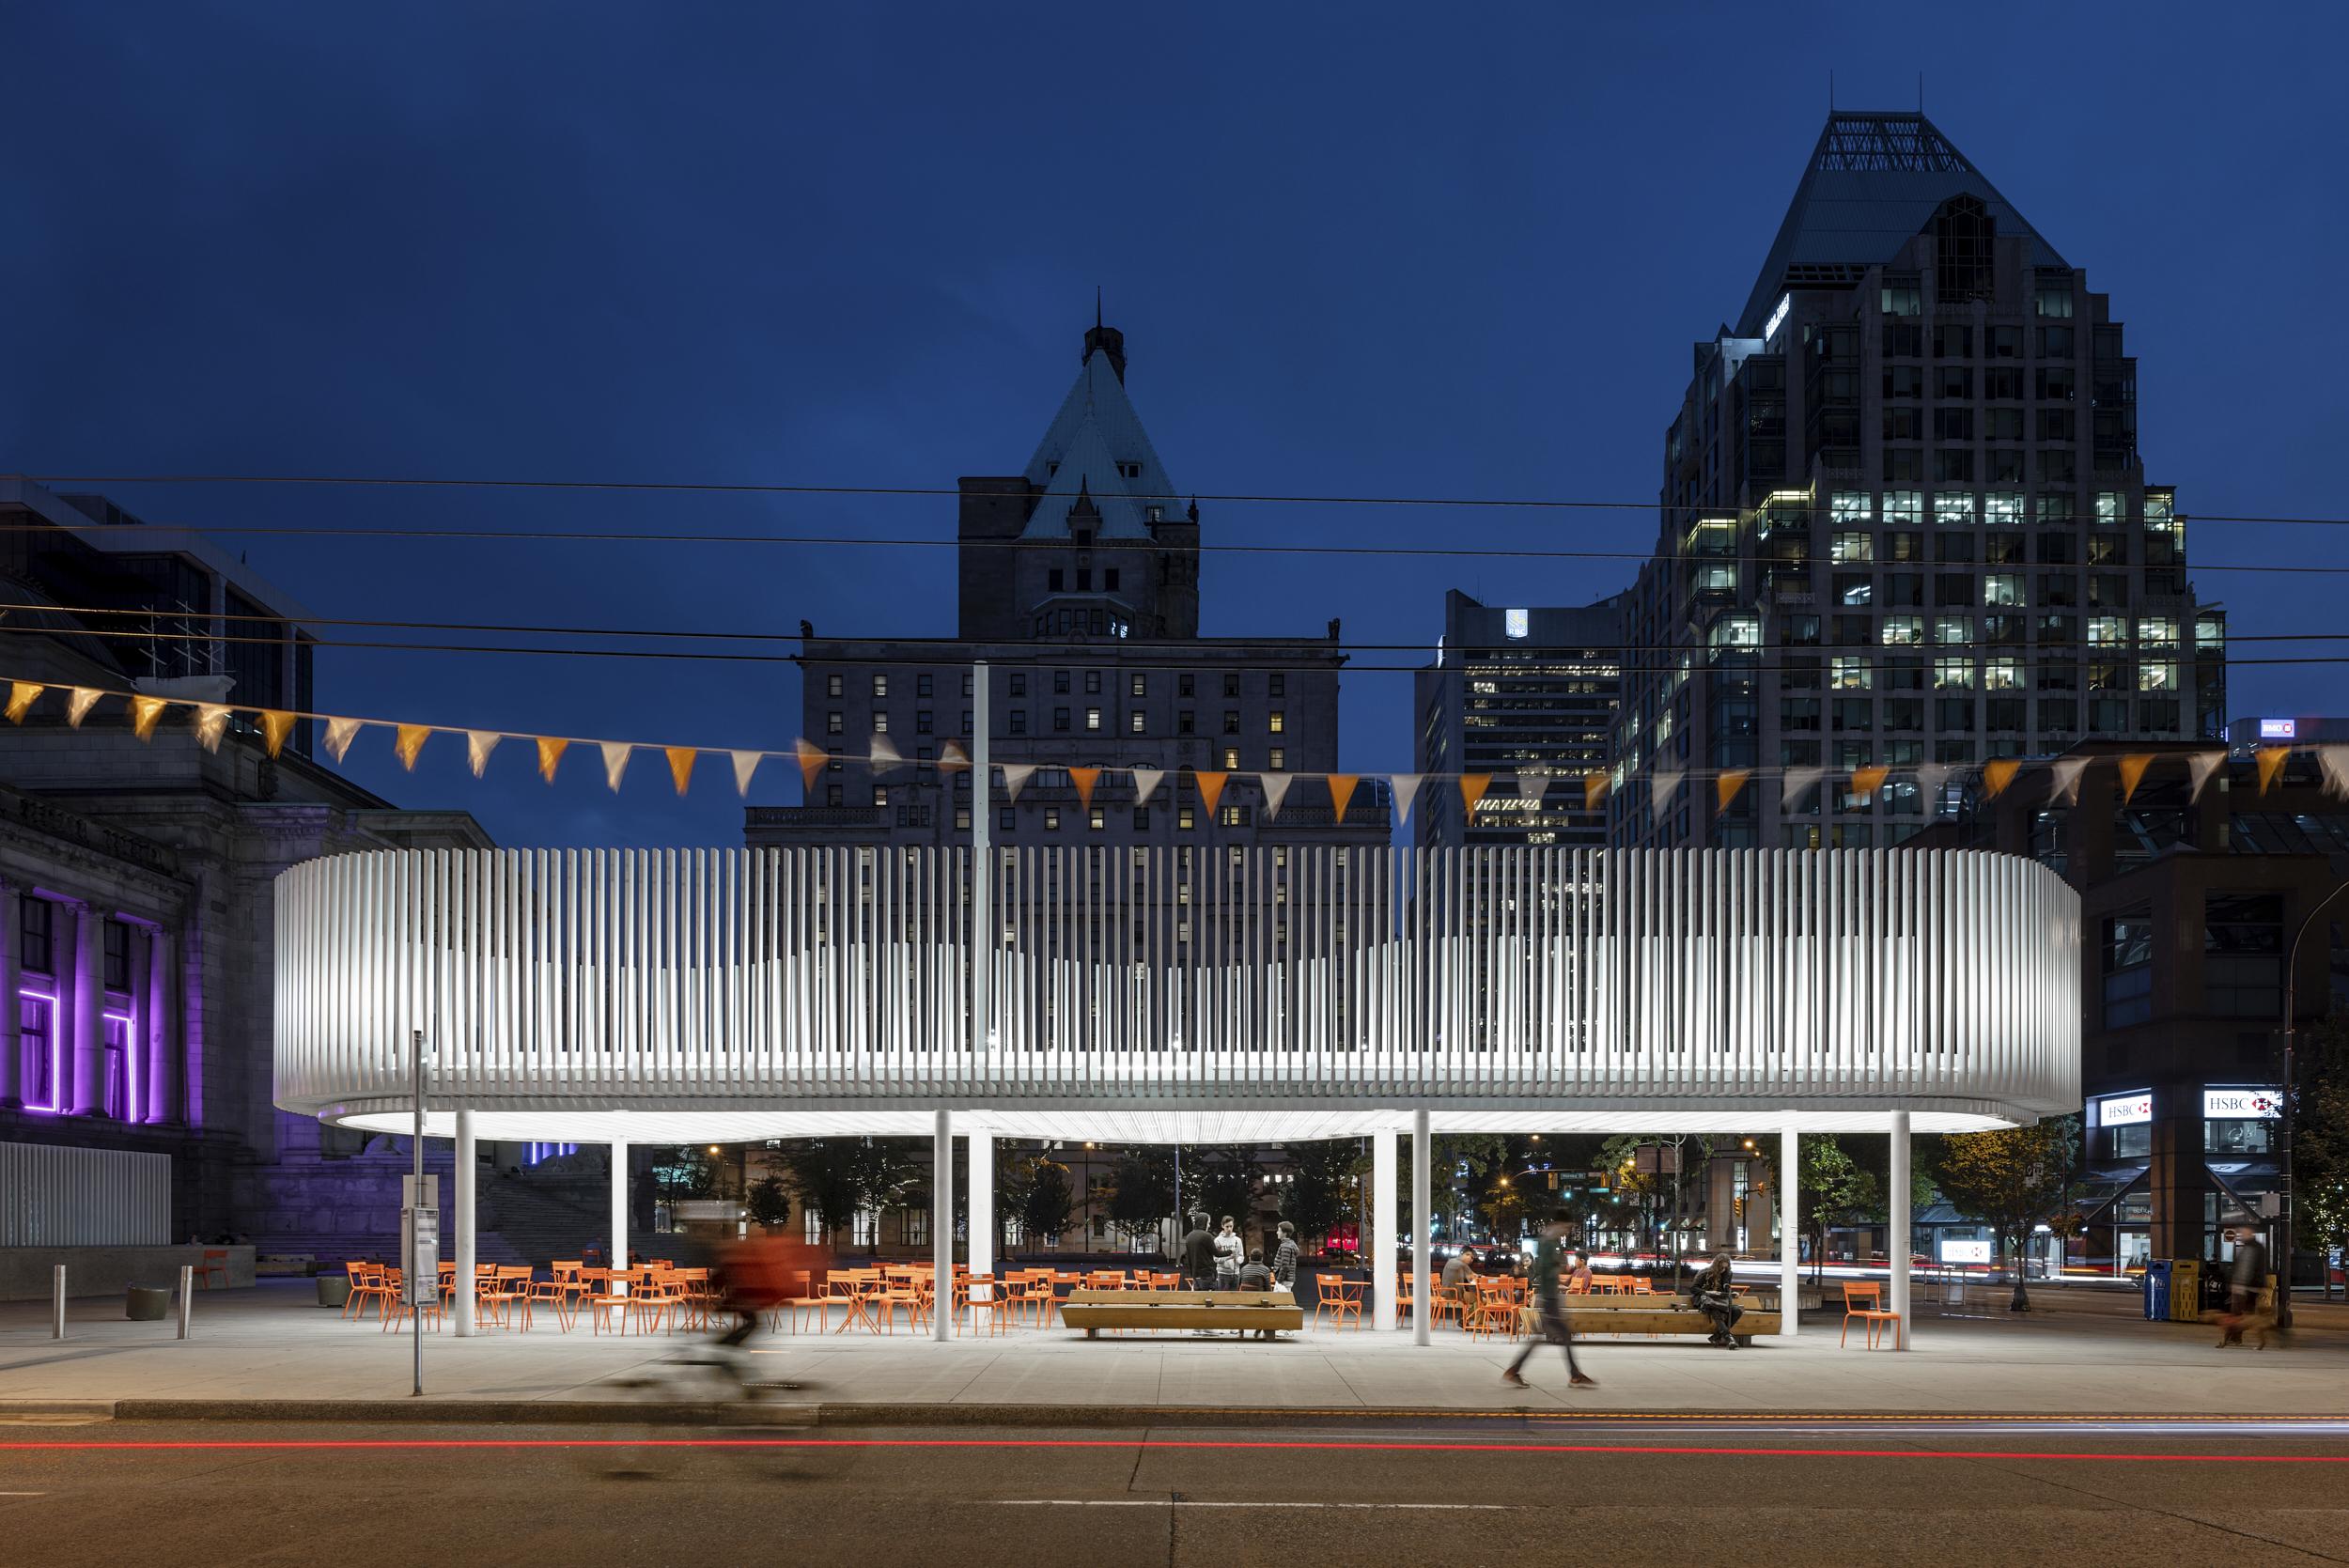 Pavilion at Vancouver Art Museum